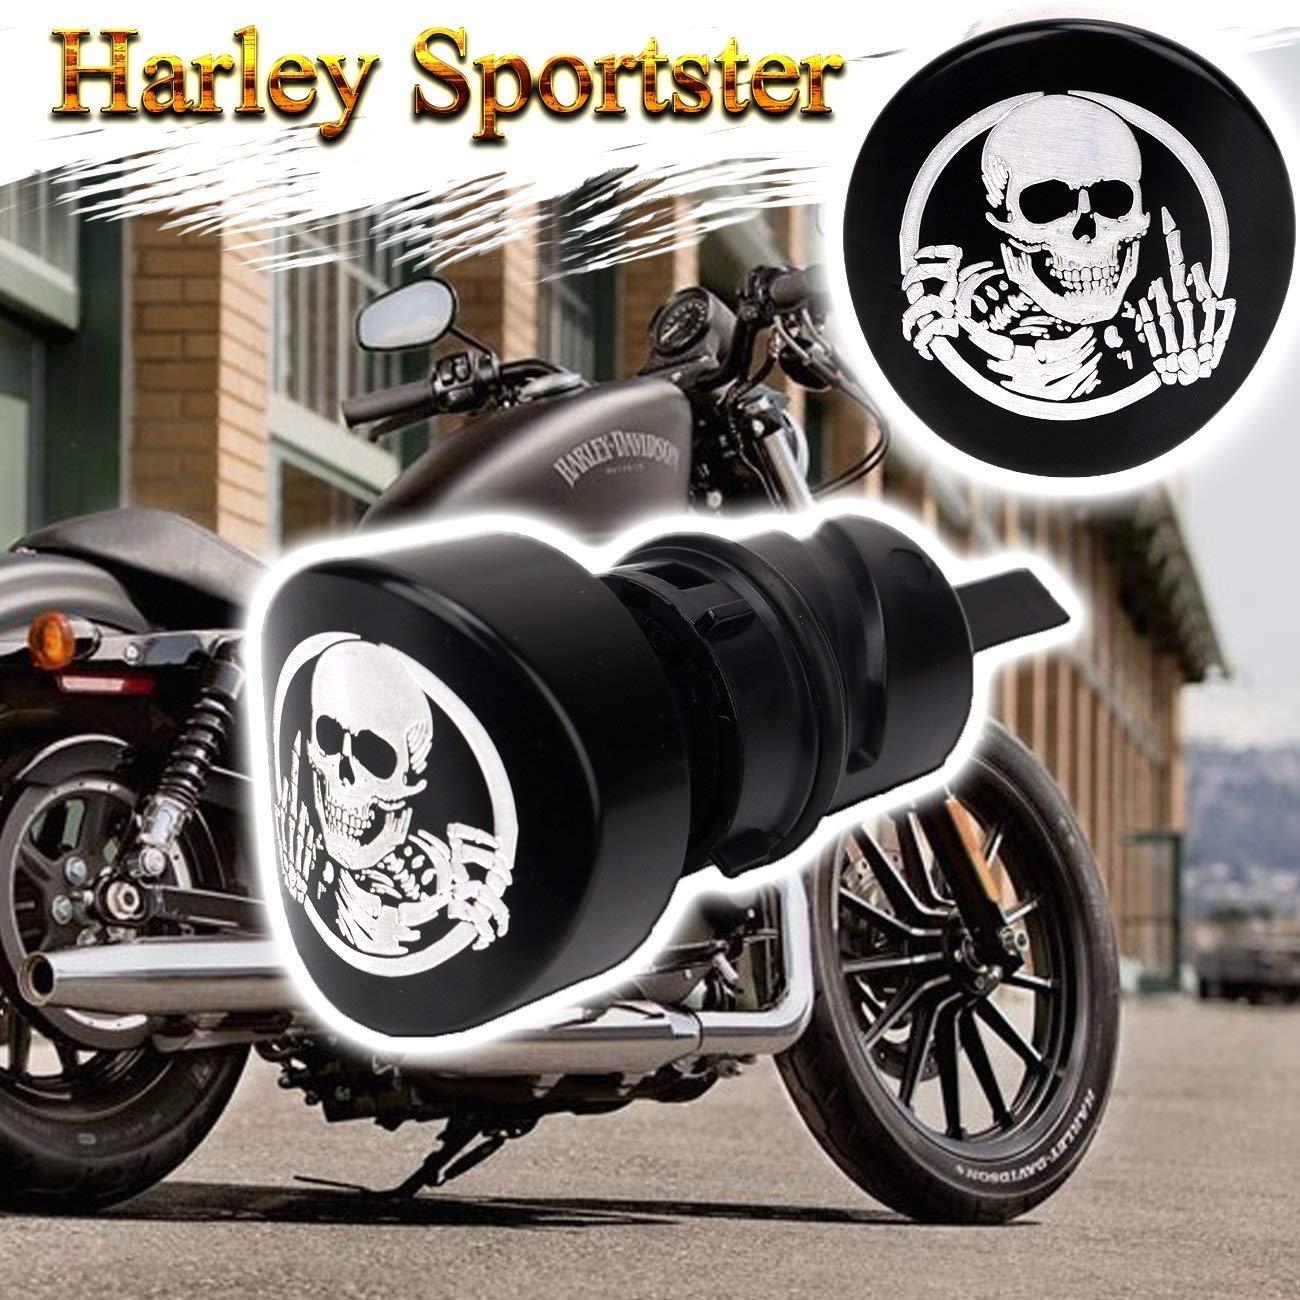 9 Pcs Billet Fairing Windshield Bolt Kit For Harley GHOST USA USMC EGA 159